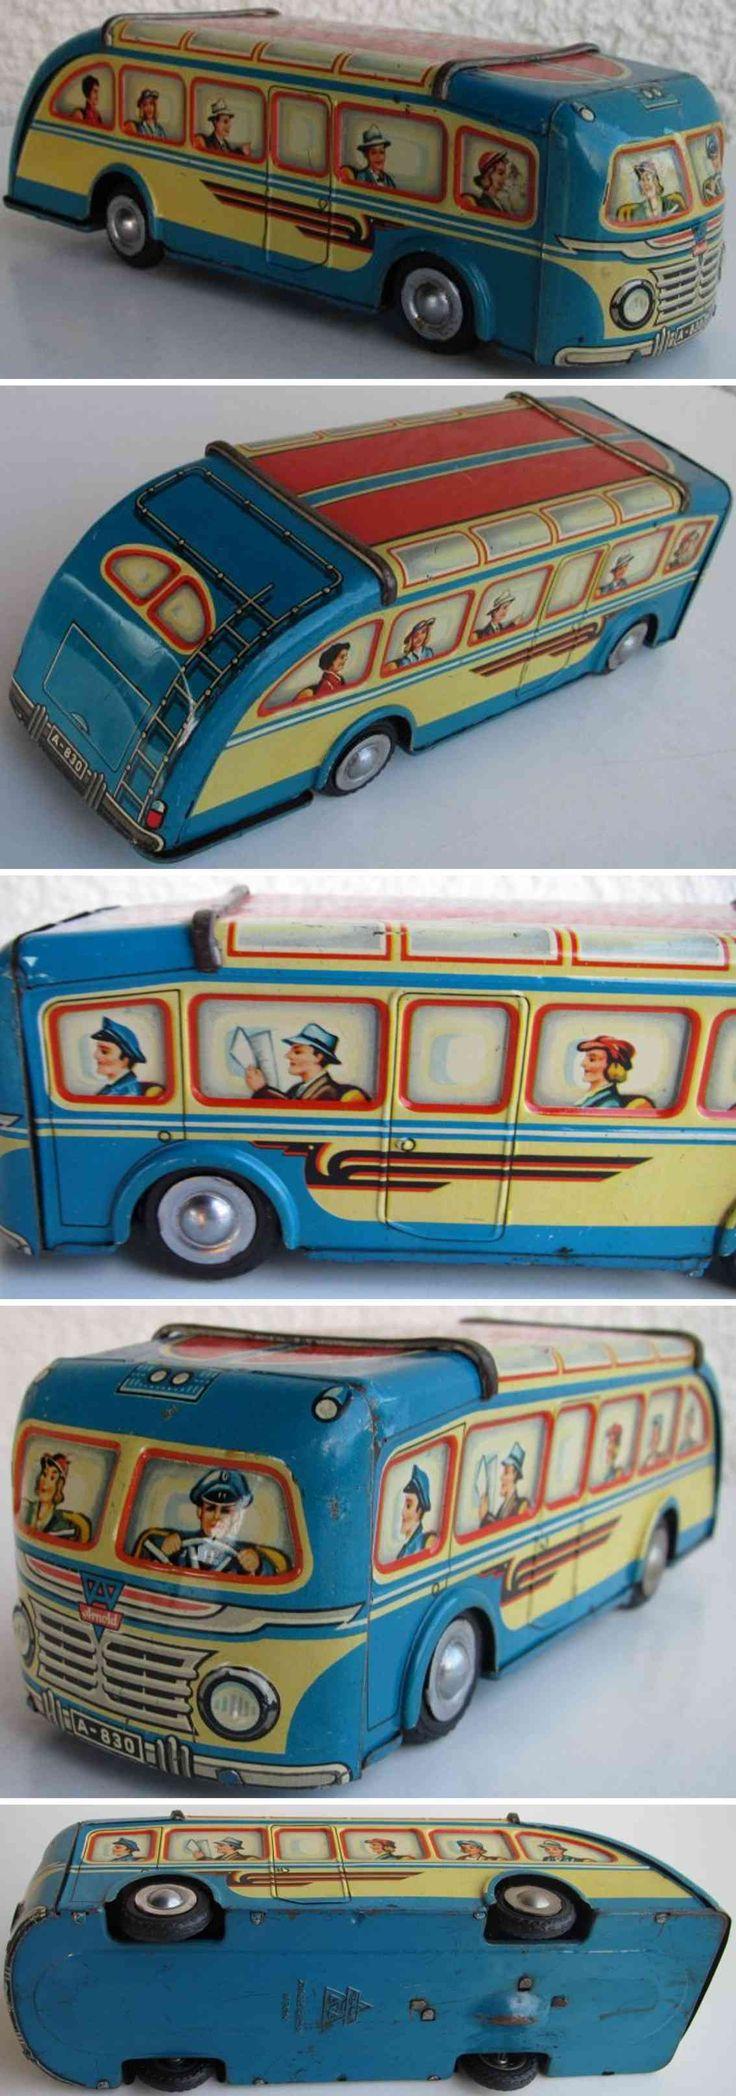 spielzeug arnold 830 blech spielzeug autobus mit schwungrad blau, Datenbank für altes Spielzeug